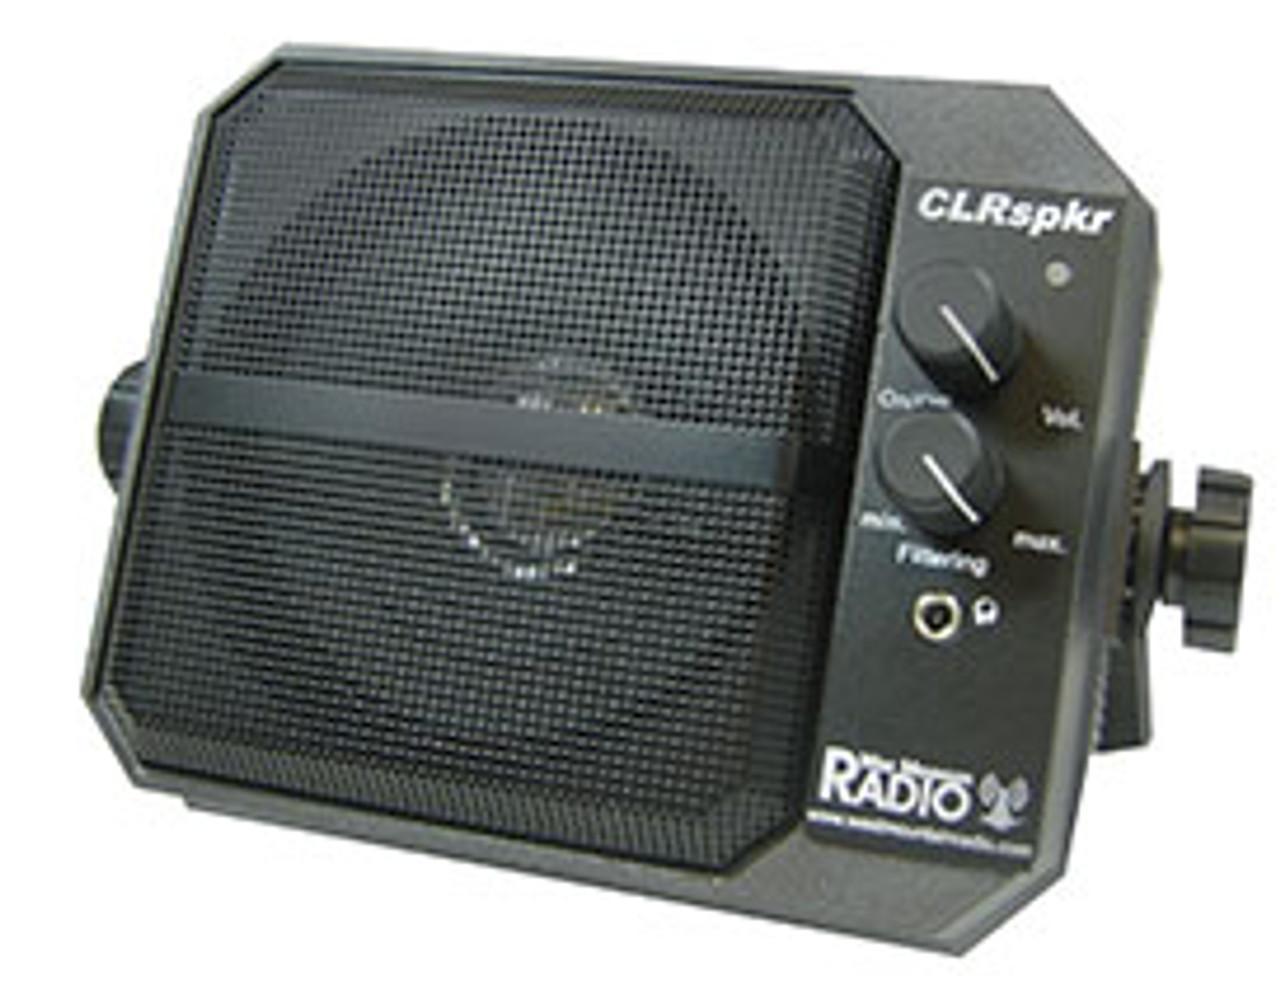 WMR CLR/SPKR -- CLRspkr Mobile DSP amplified speaker - SPECIAL